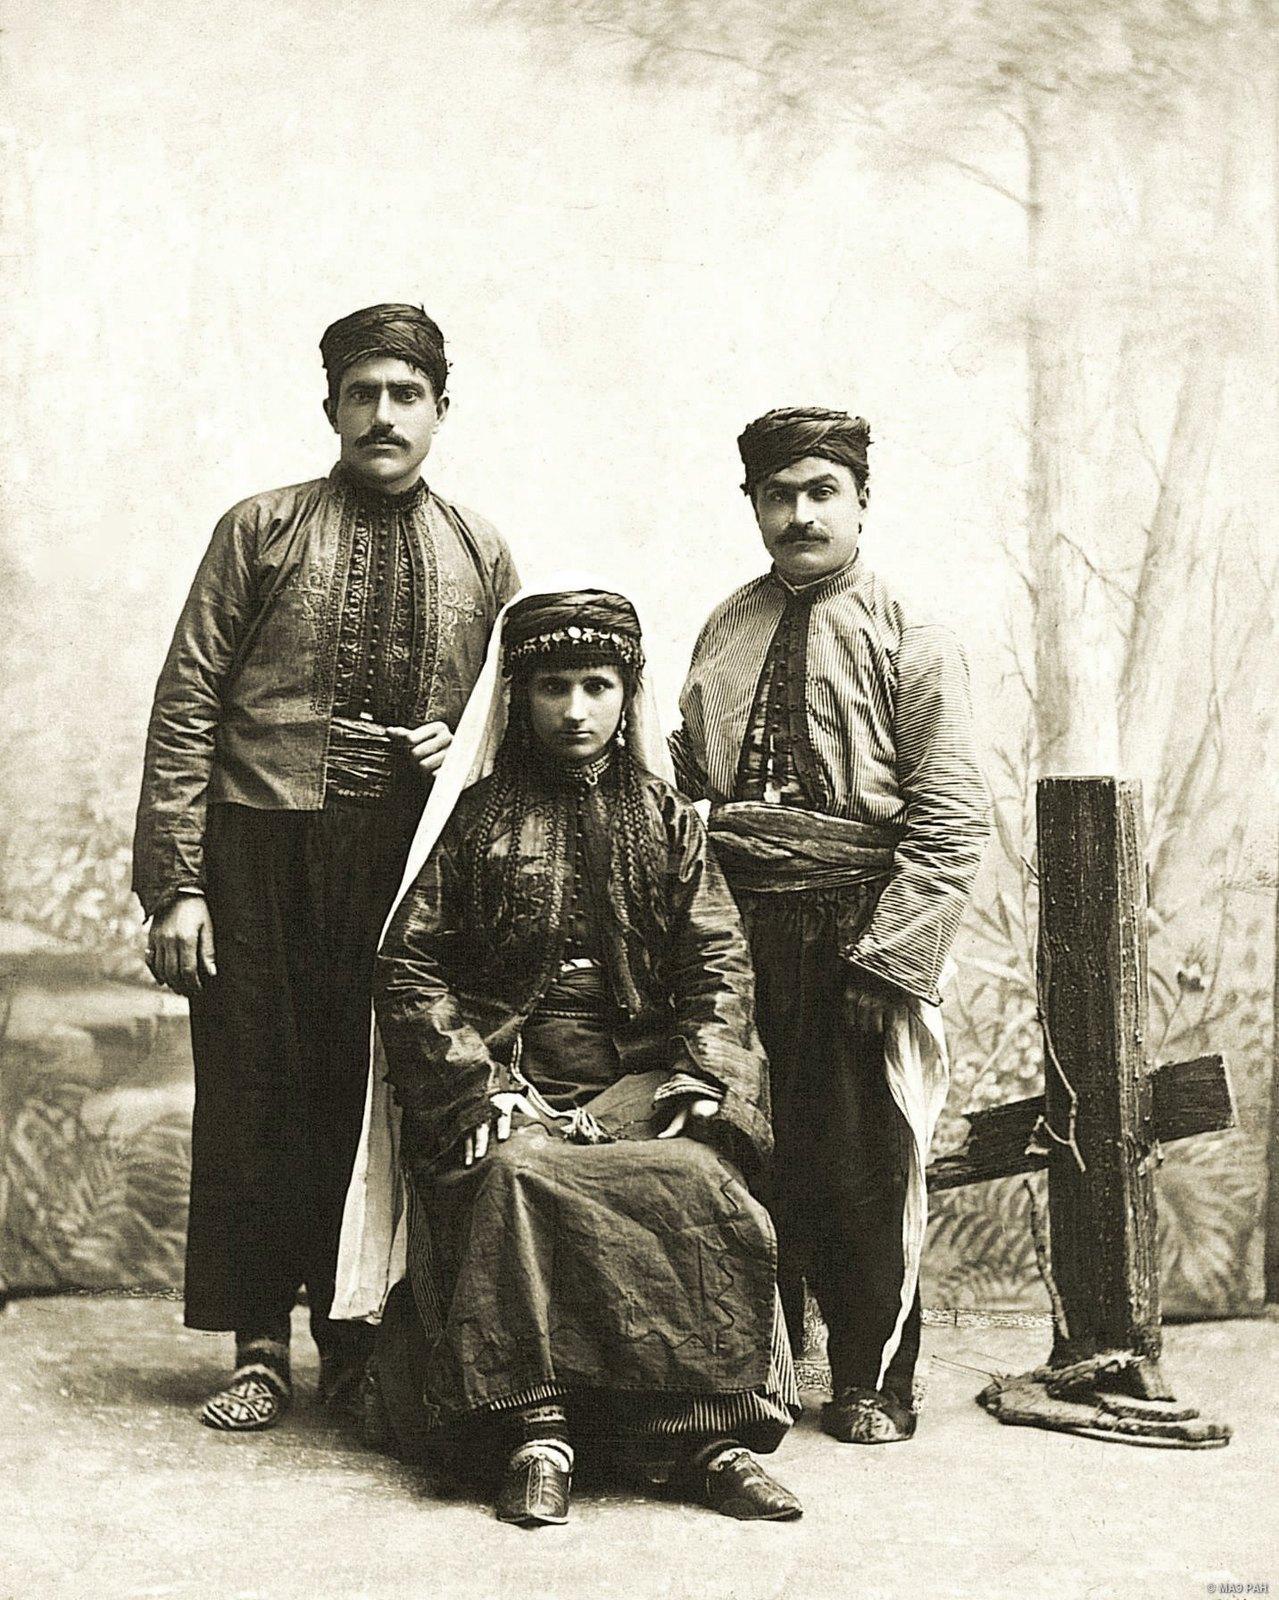 Групповой портрет мужчин и женщины в традиционных костюмах